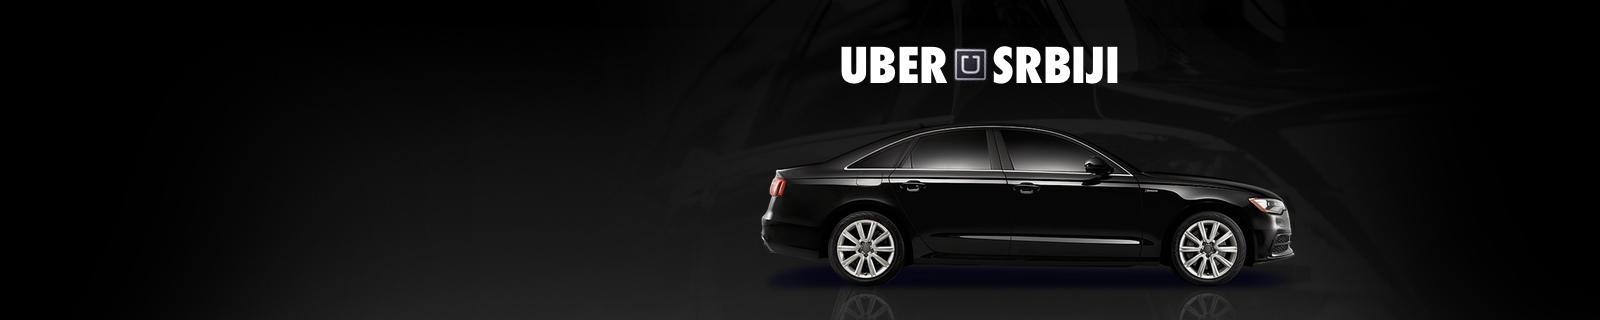 Uber u Srbiji